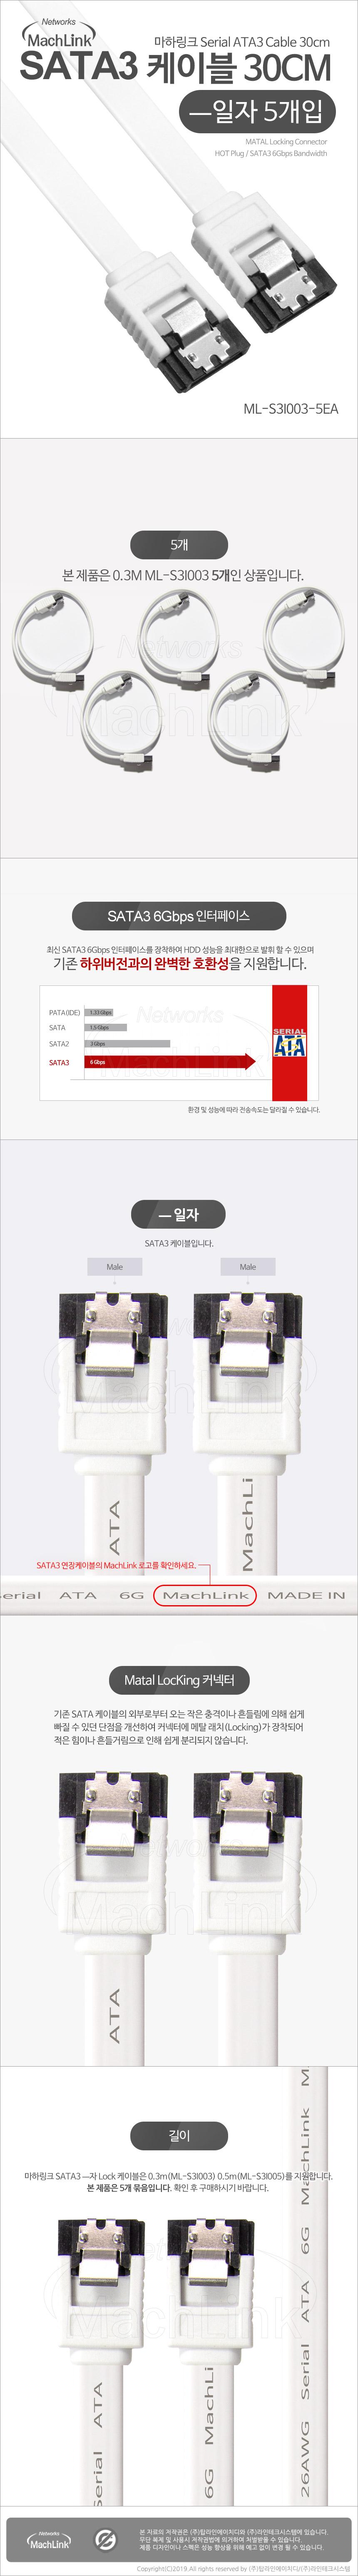 마하링크  SATA 6Gb/s lock (ML-S3I)(0.3m, 5개)